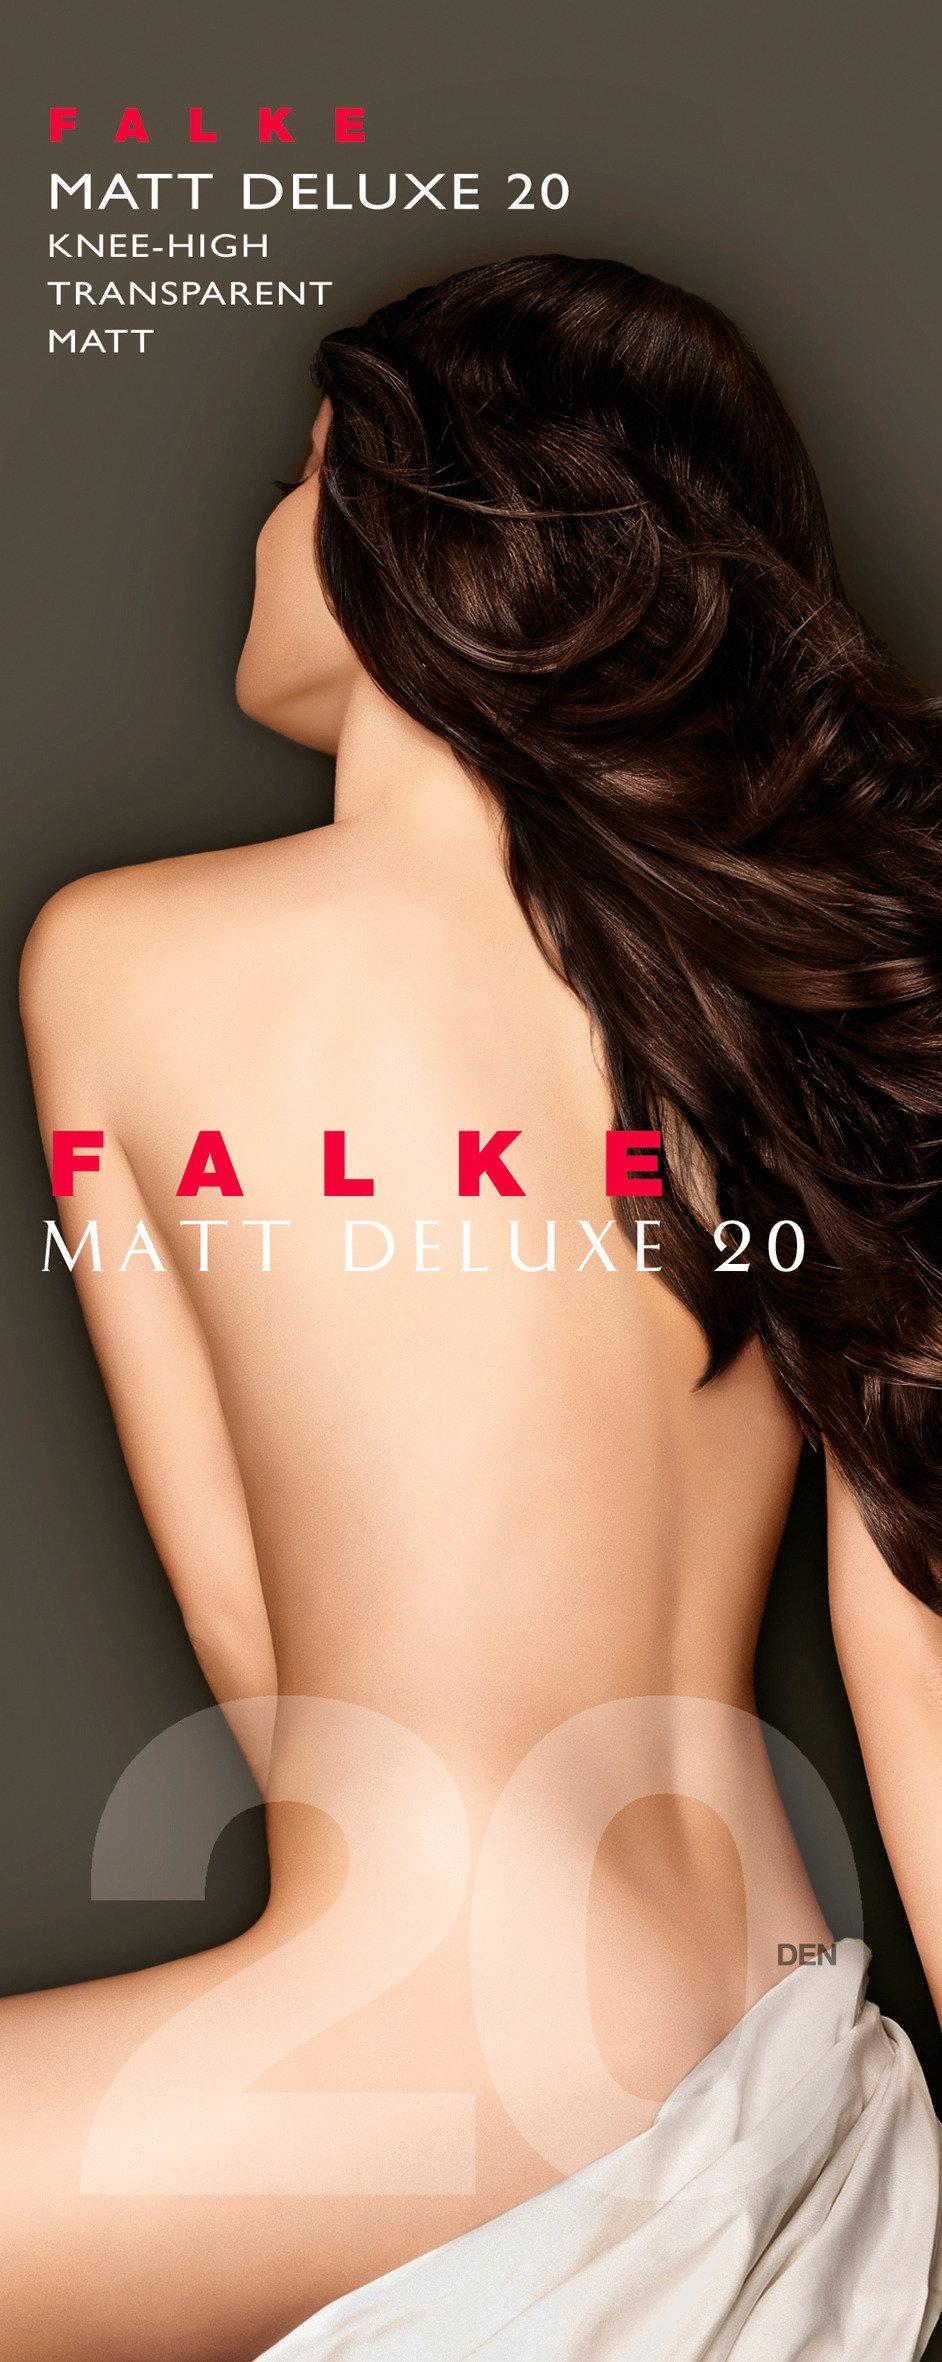 FALKE Matt Deluxe 20 DEN ladies knee socks GOLDEN